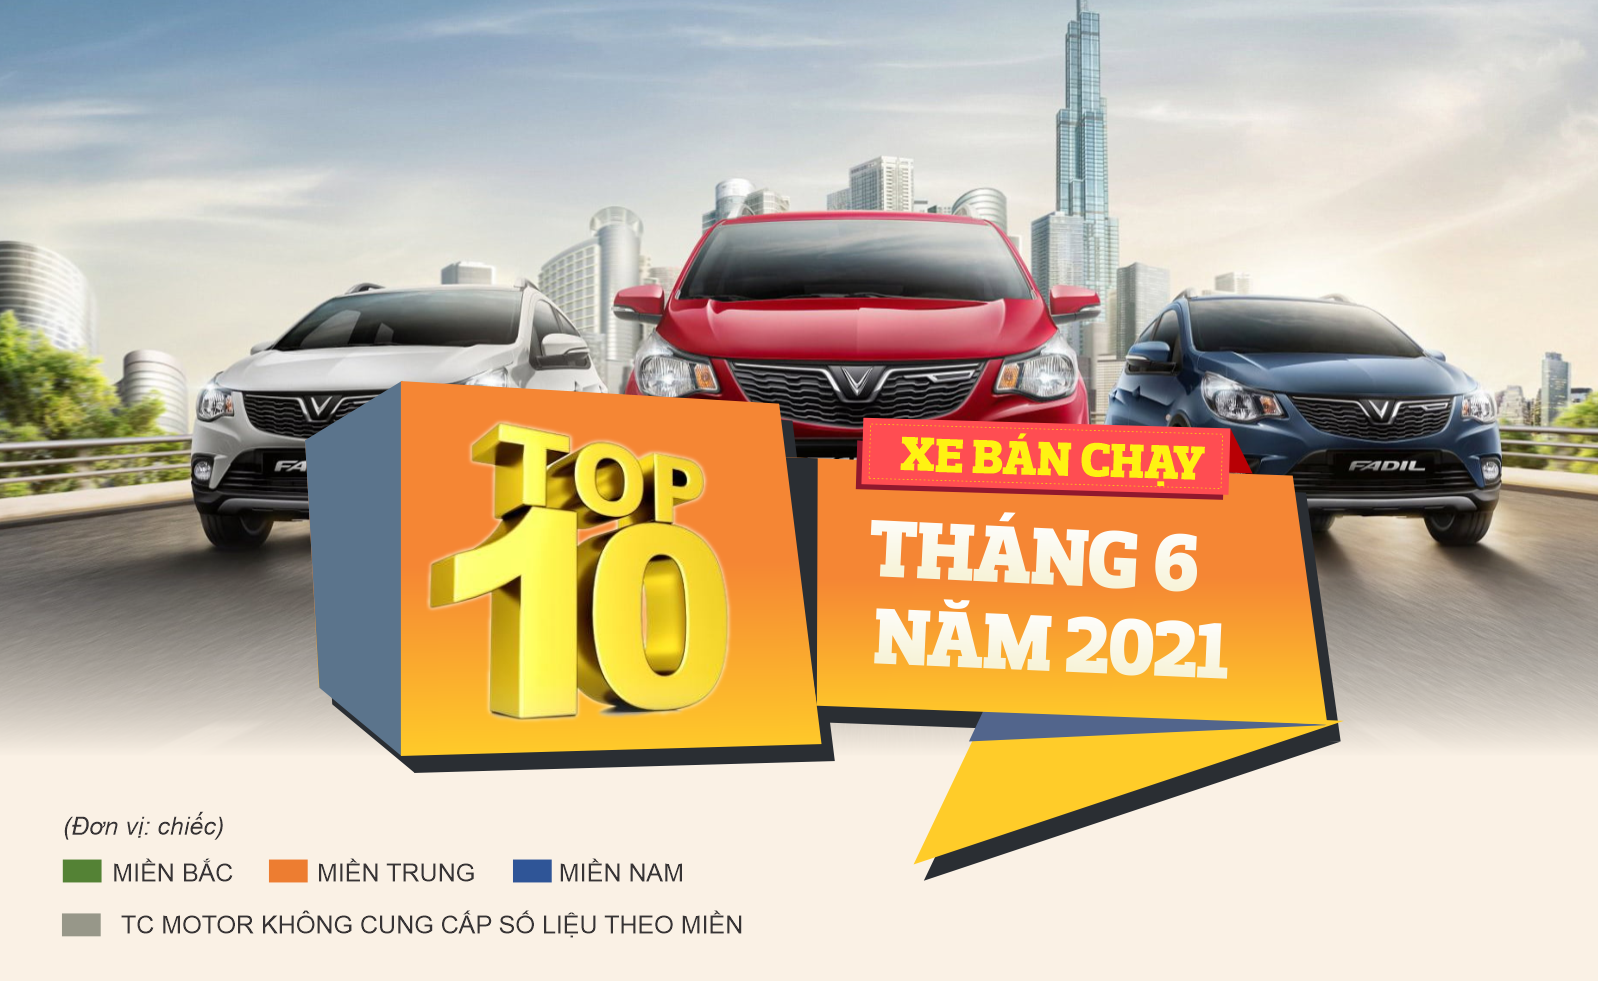 [Infographic] Top 10 xe bán chạy tháng 6/2021